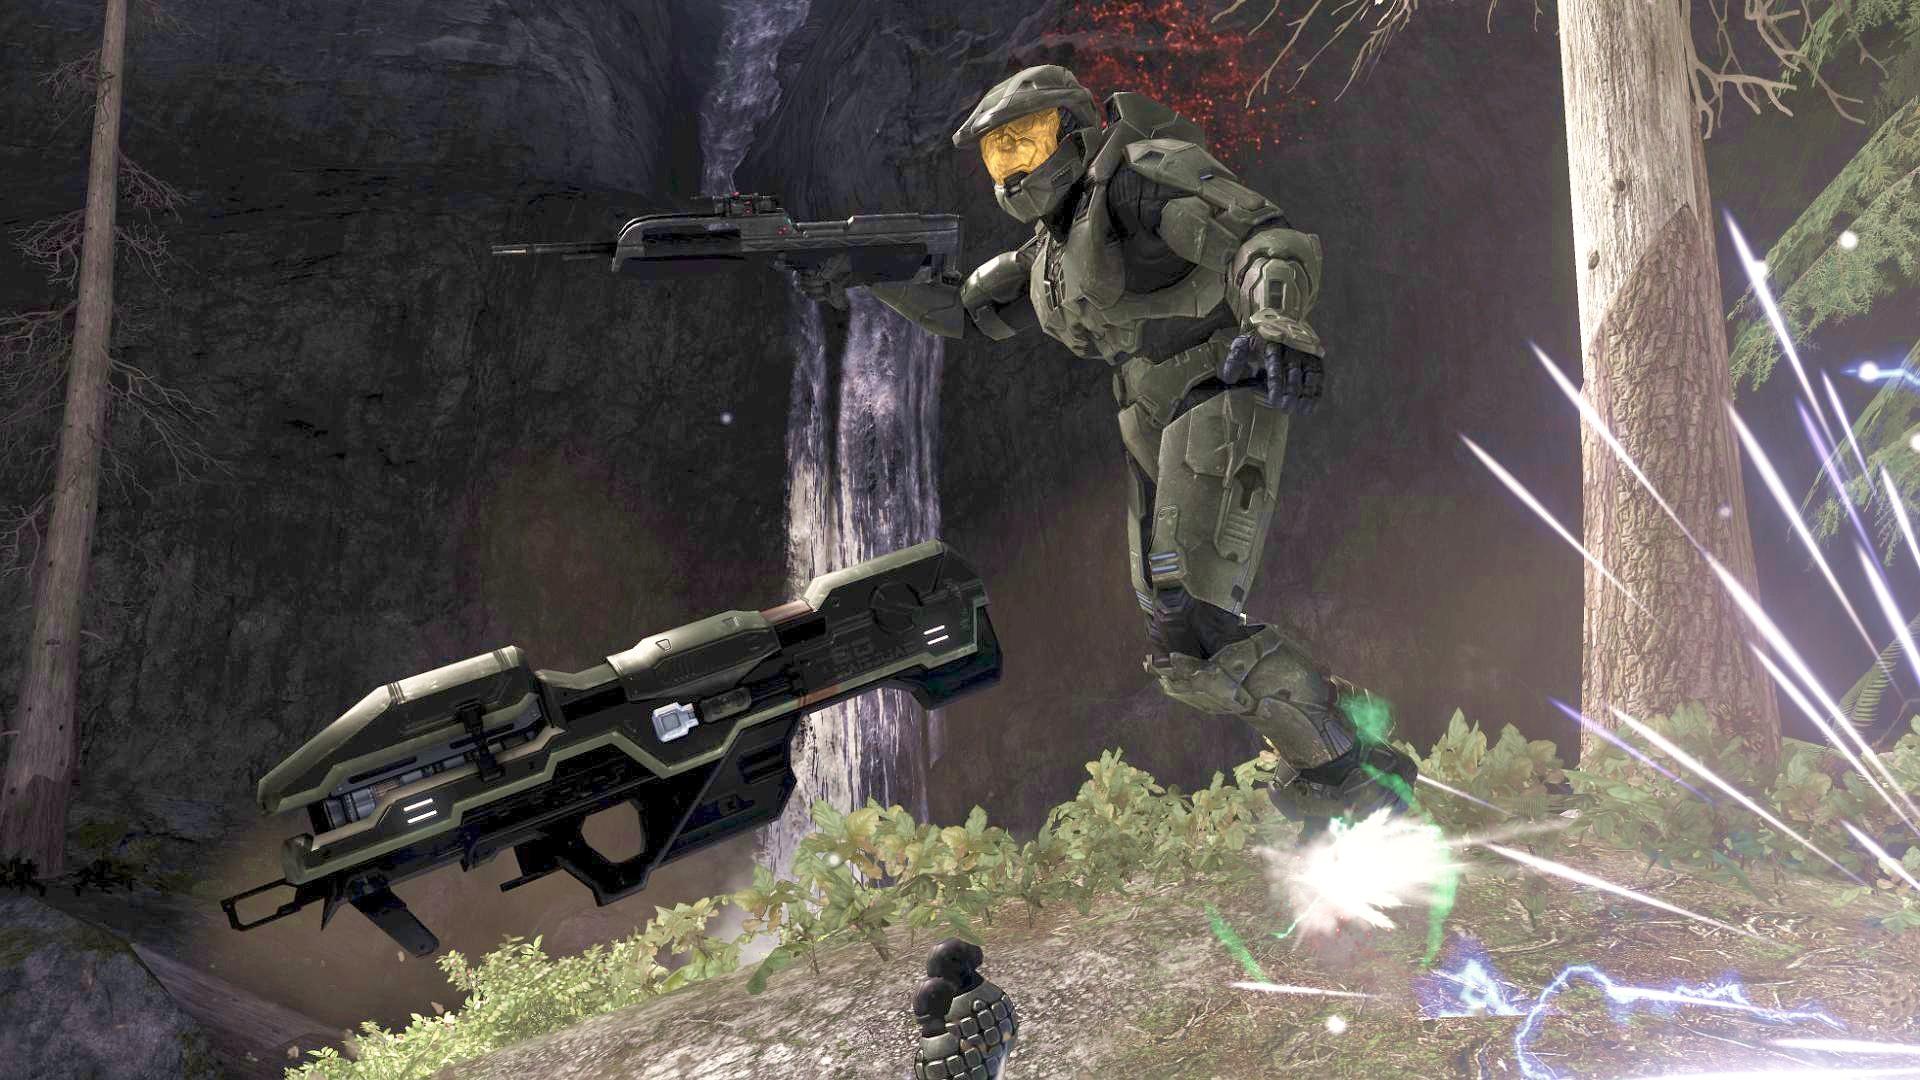 1523552430 761ee9127a o Halo 3: Ahhhh!